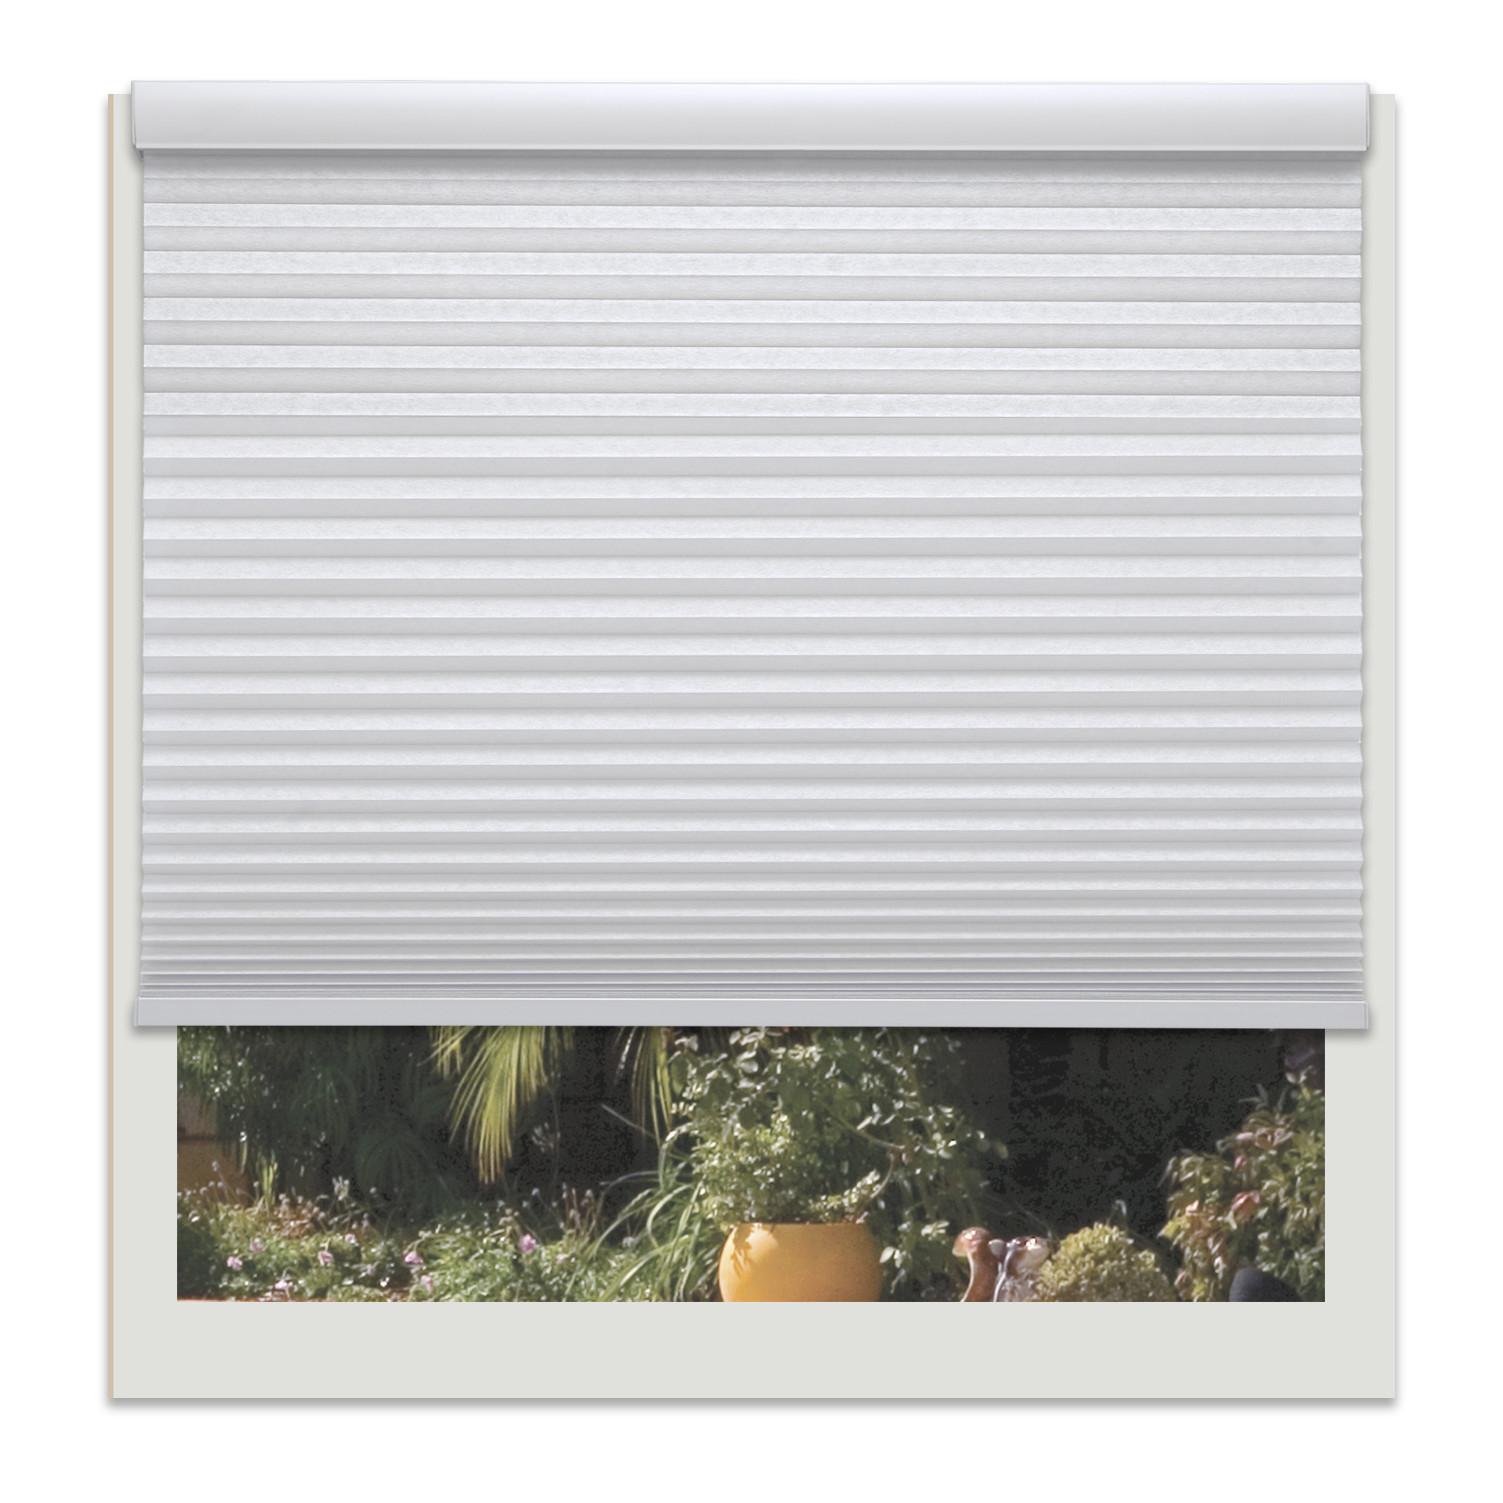 Cortinas celulares en tela blackout con absorci n ac stica - Tela termica para cortinas ...